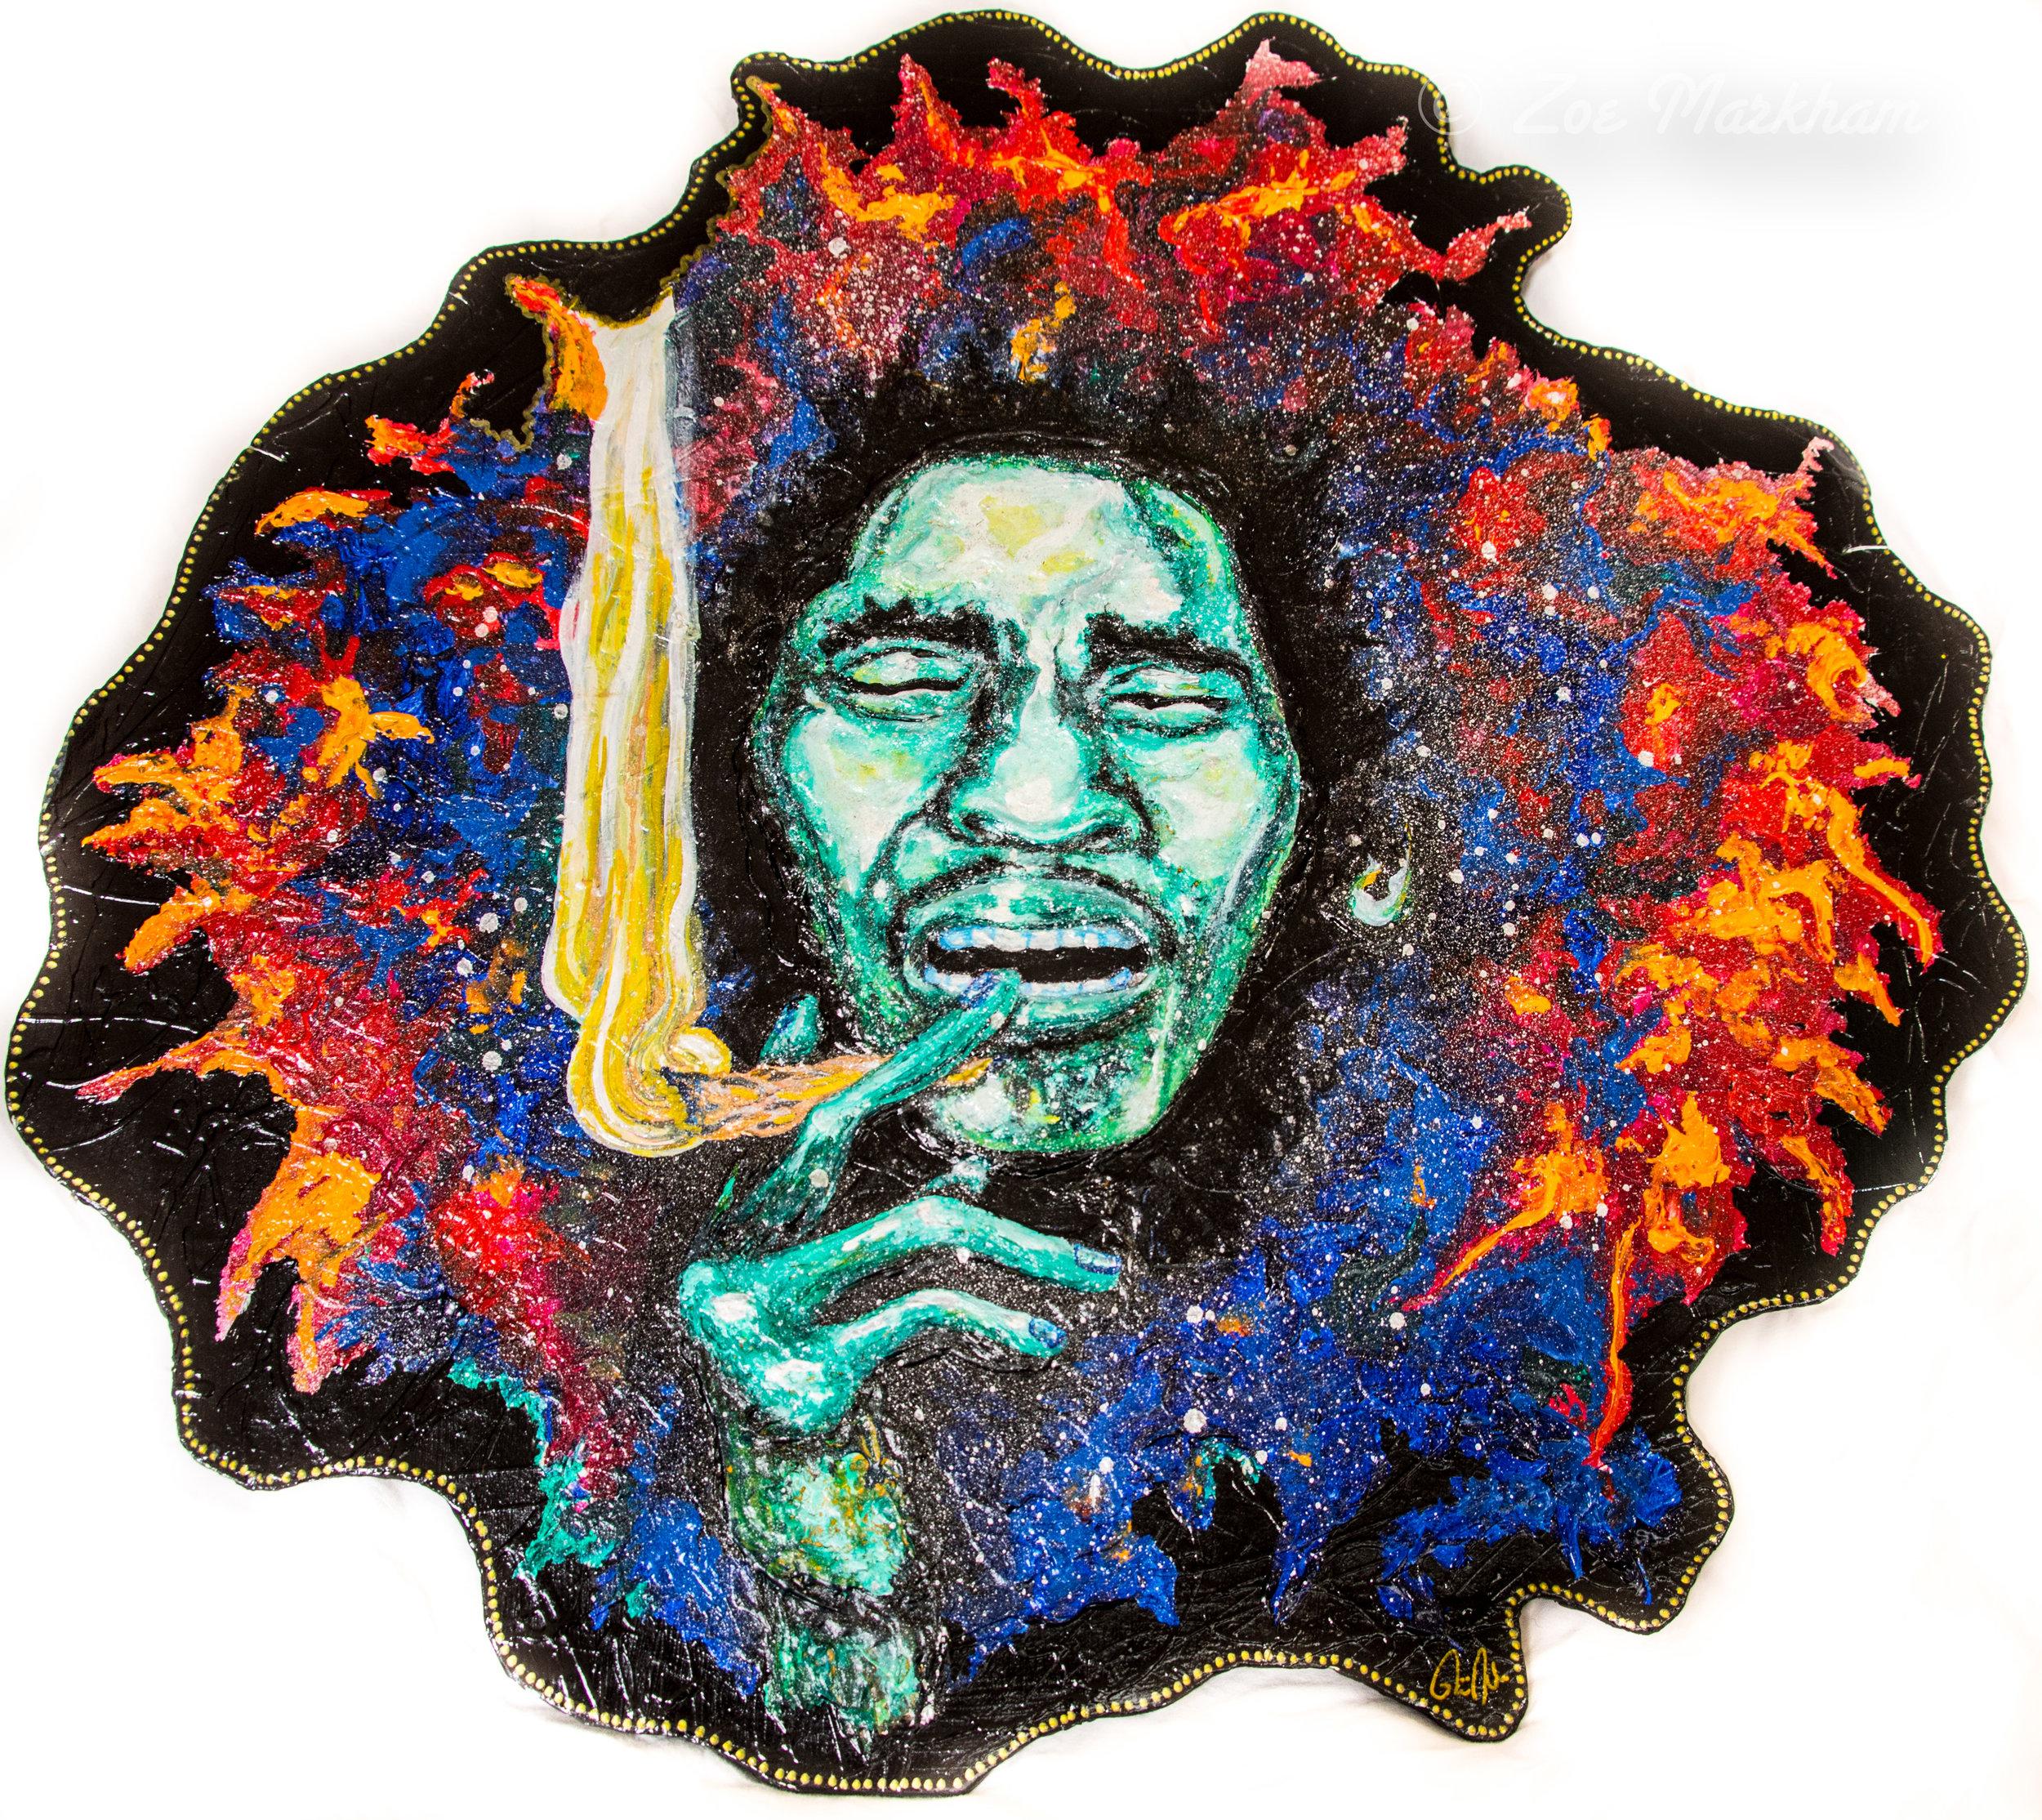 Blazing Bob Marley